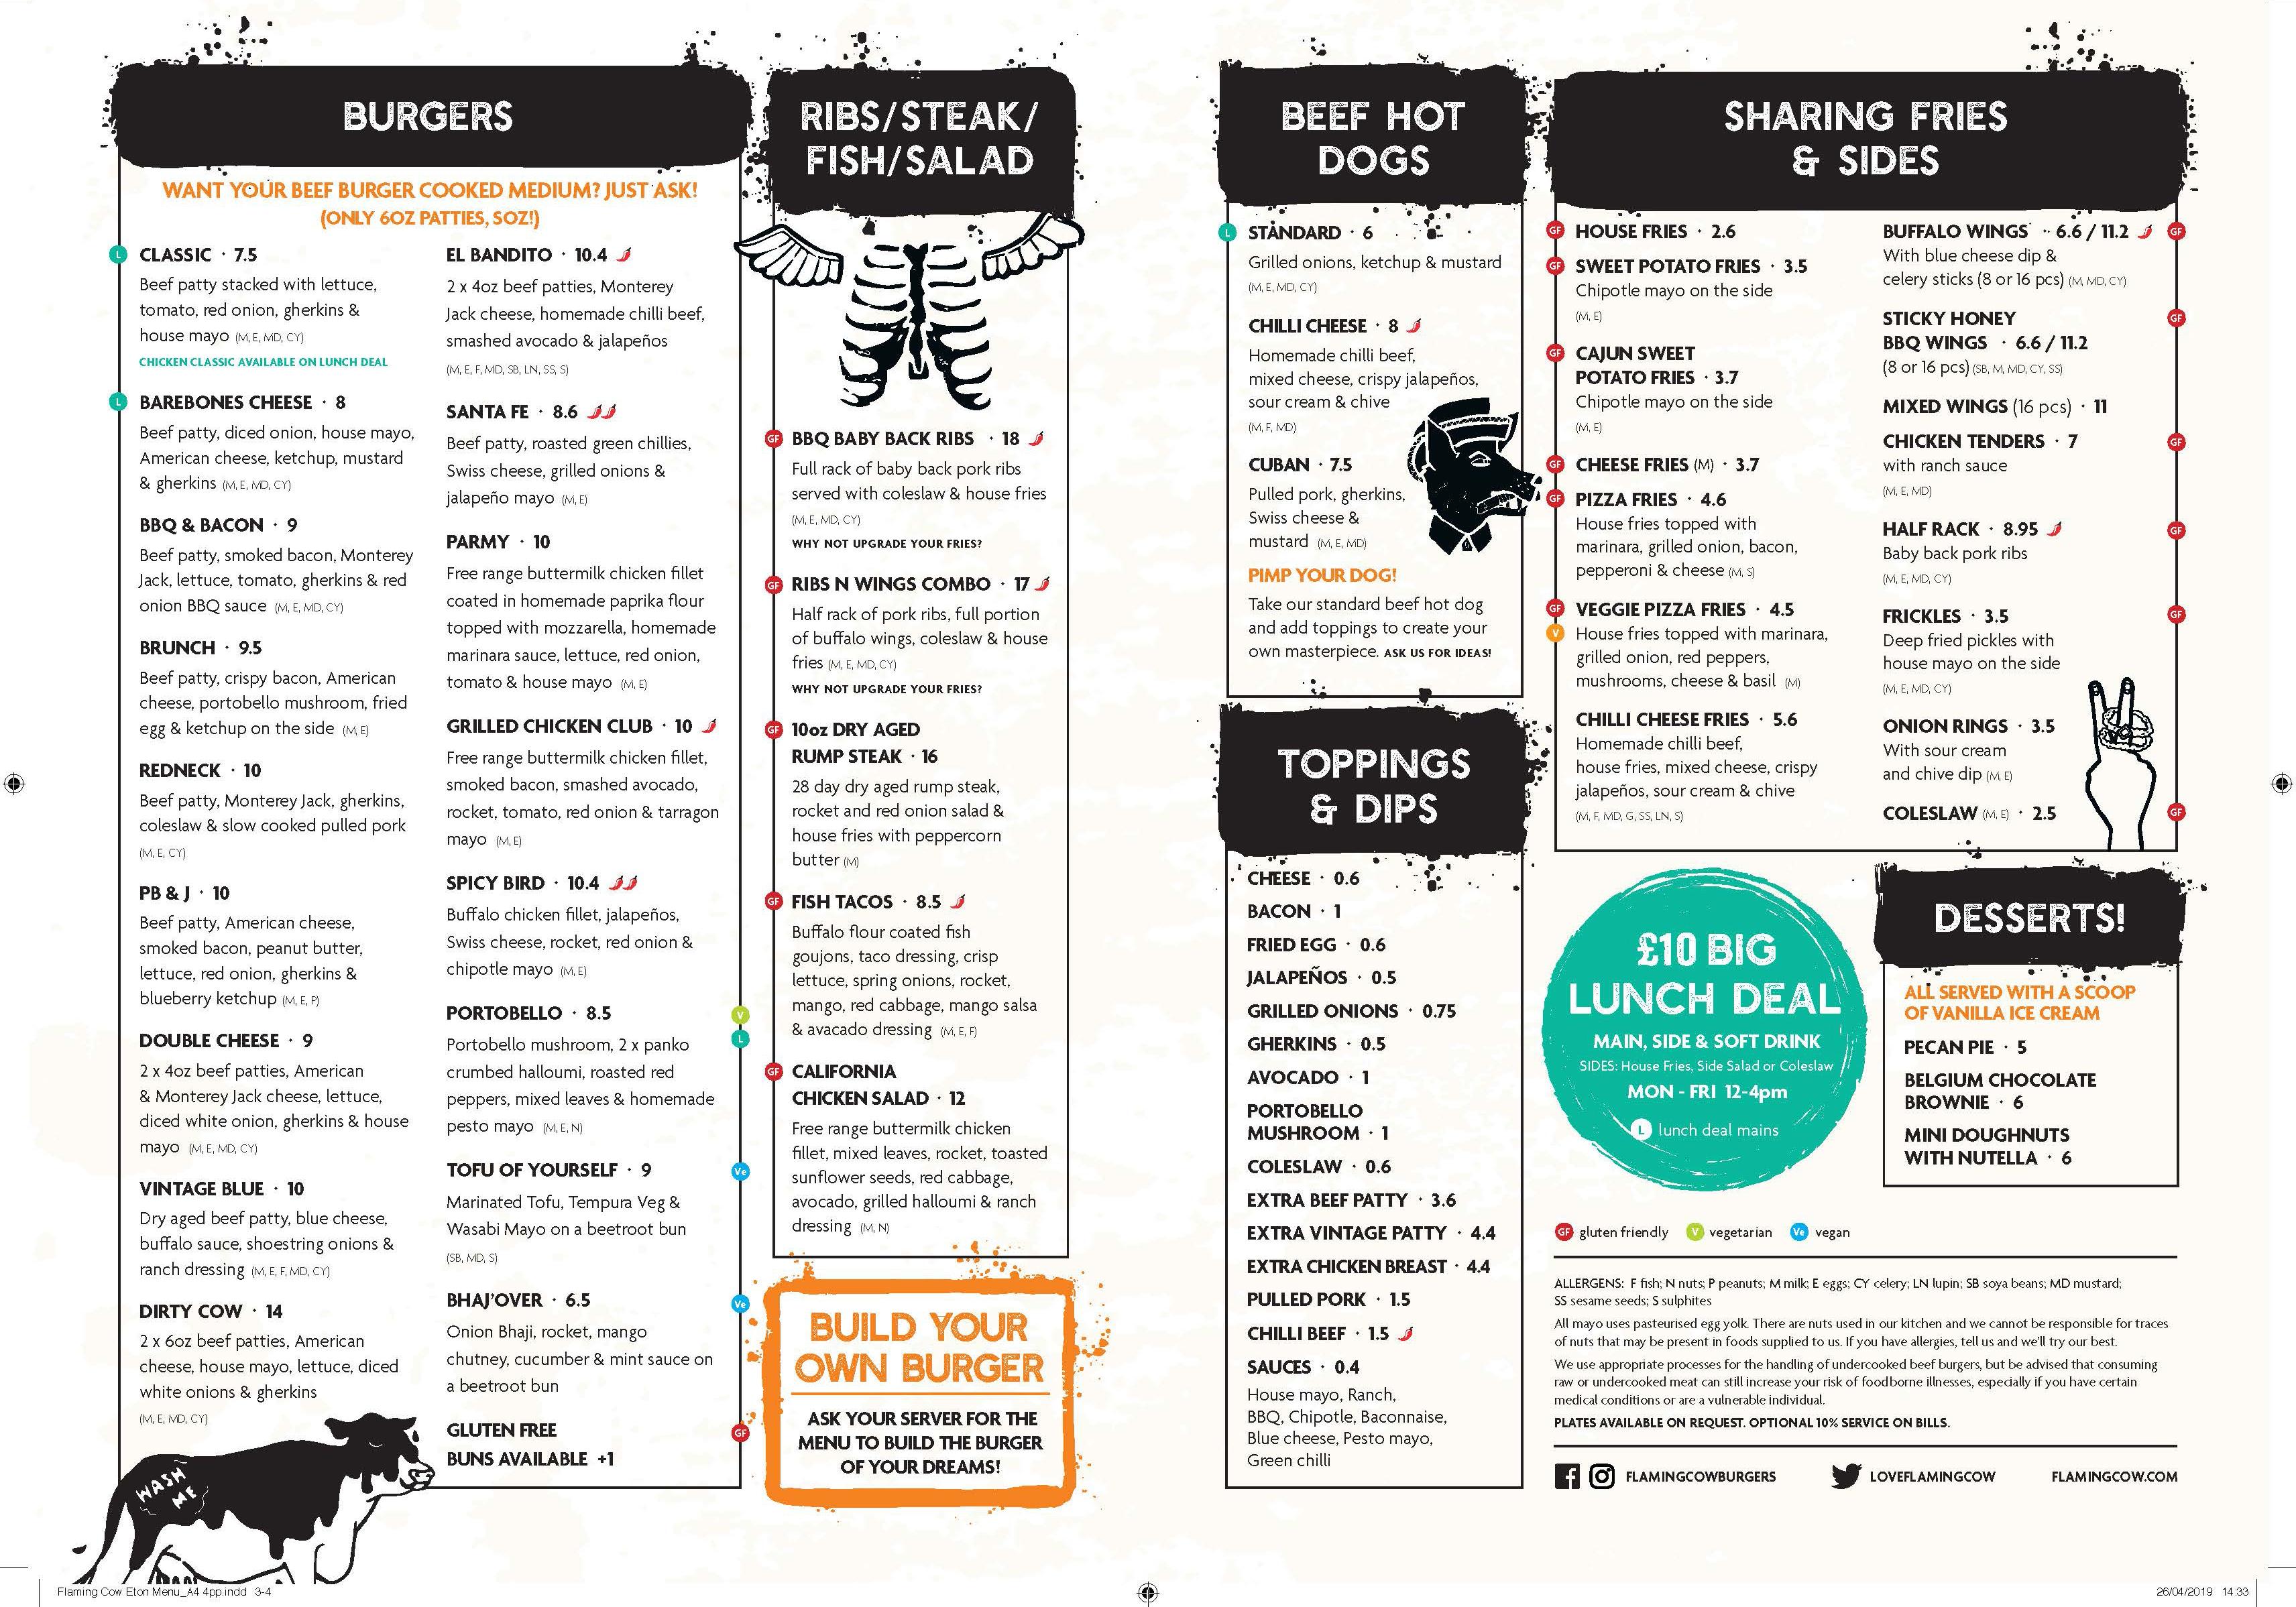 Flaming Cow - Food menu